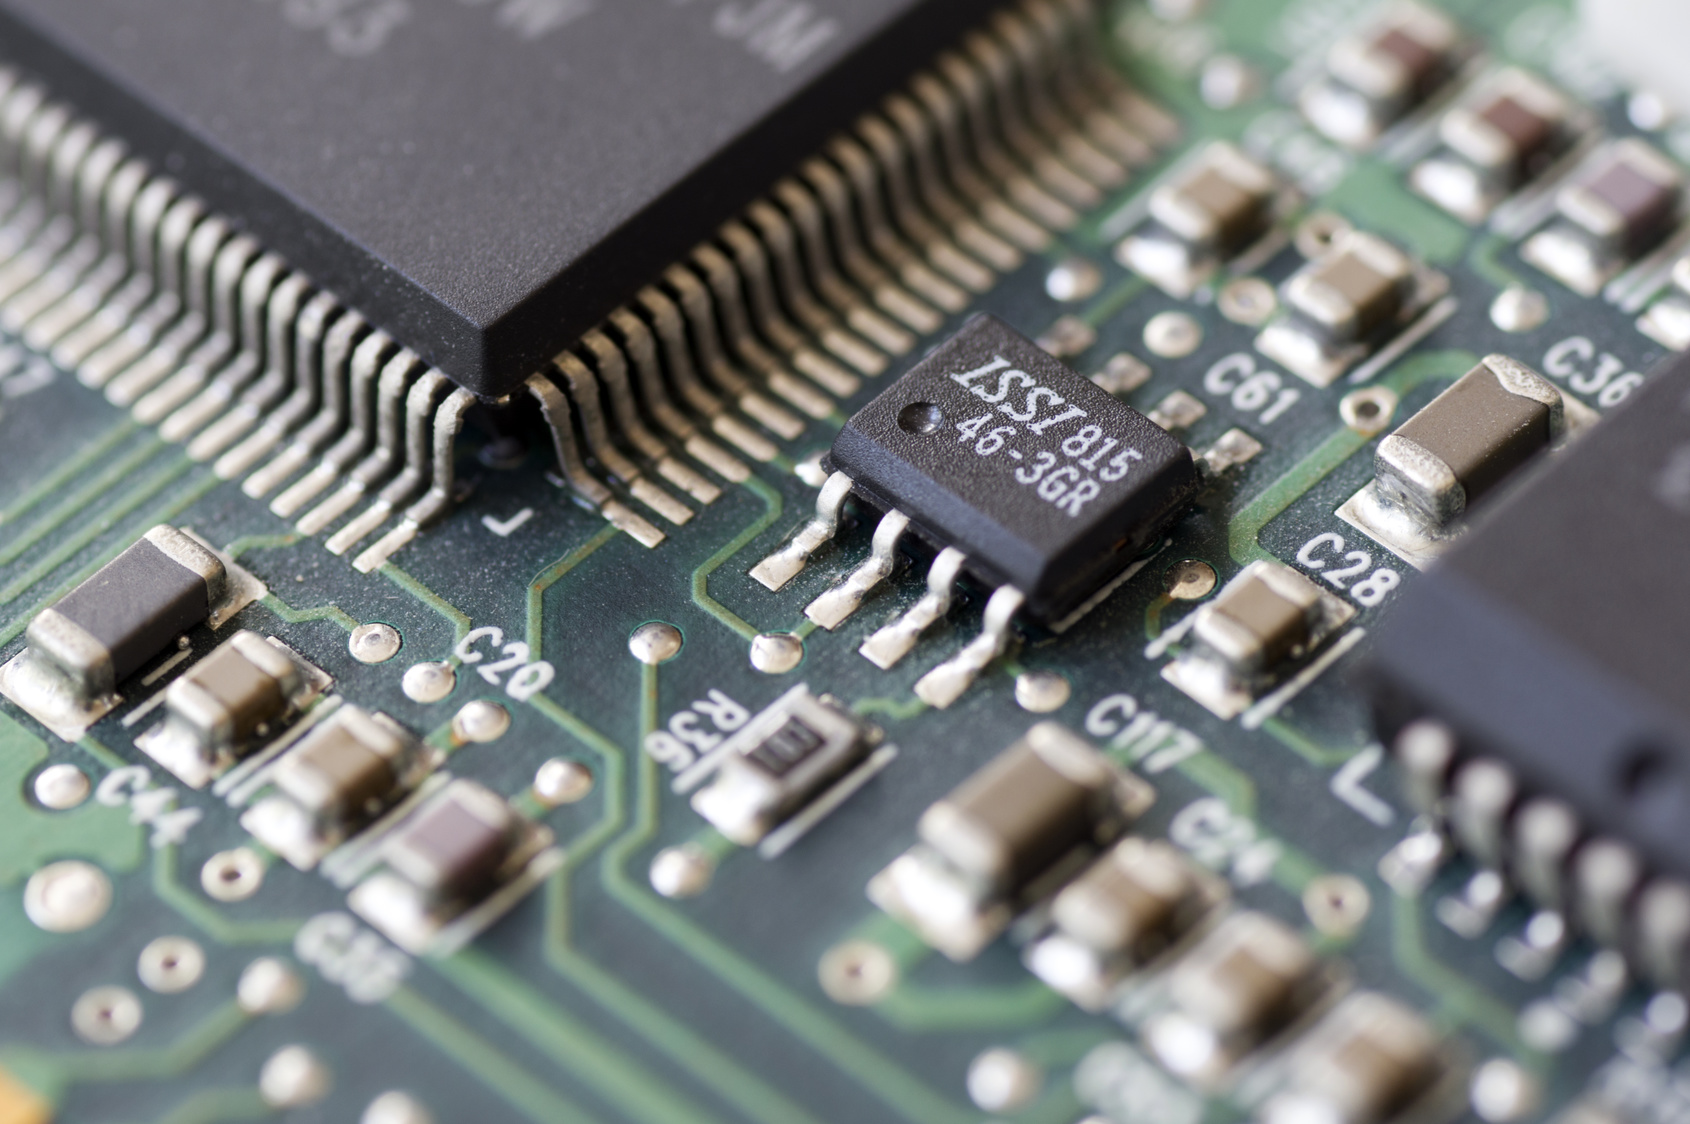 Embedded Systeme für industrielle Kameras. Anwendungsgebiete sind Automotive, Traffic, Rail-Road, Mikroskopie, Aviation und Messtechnik. Bild: Lars Eric Krneheim - Fotolia